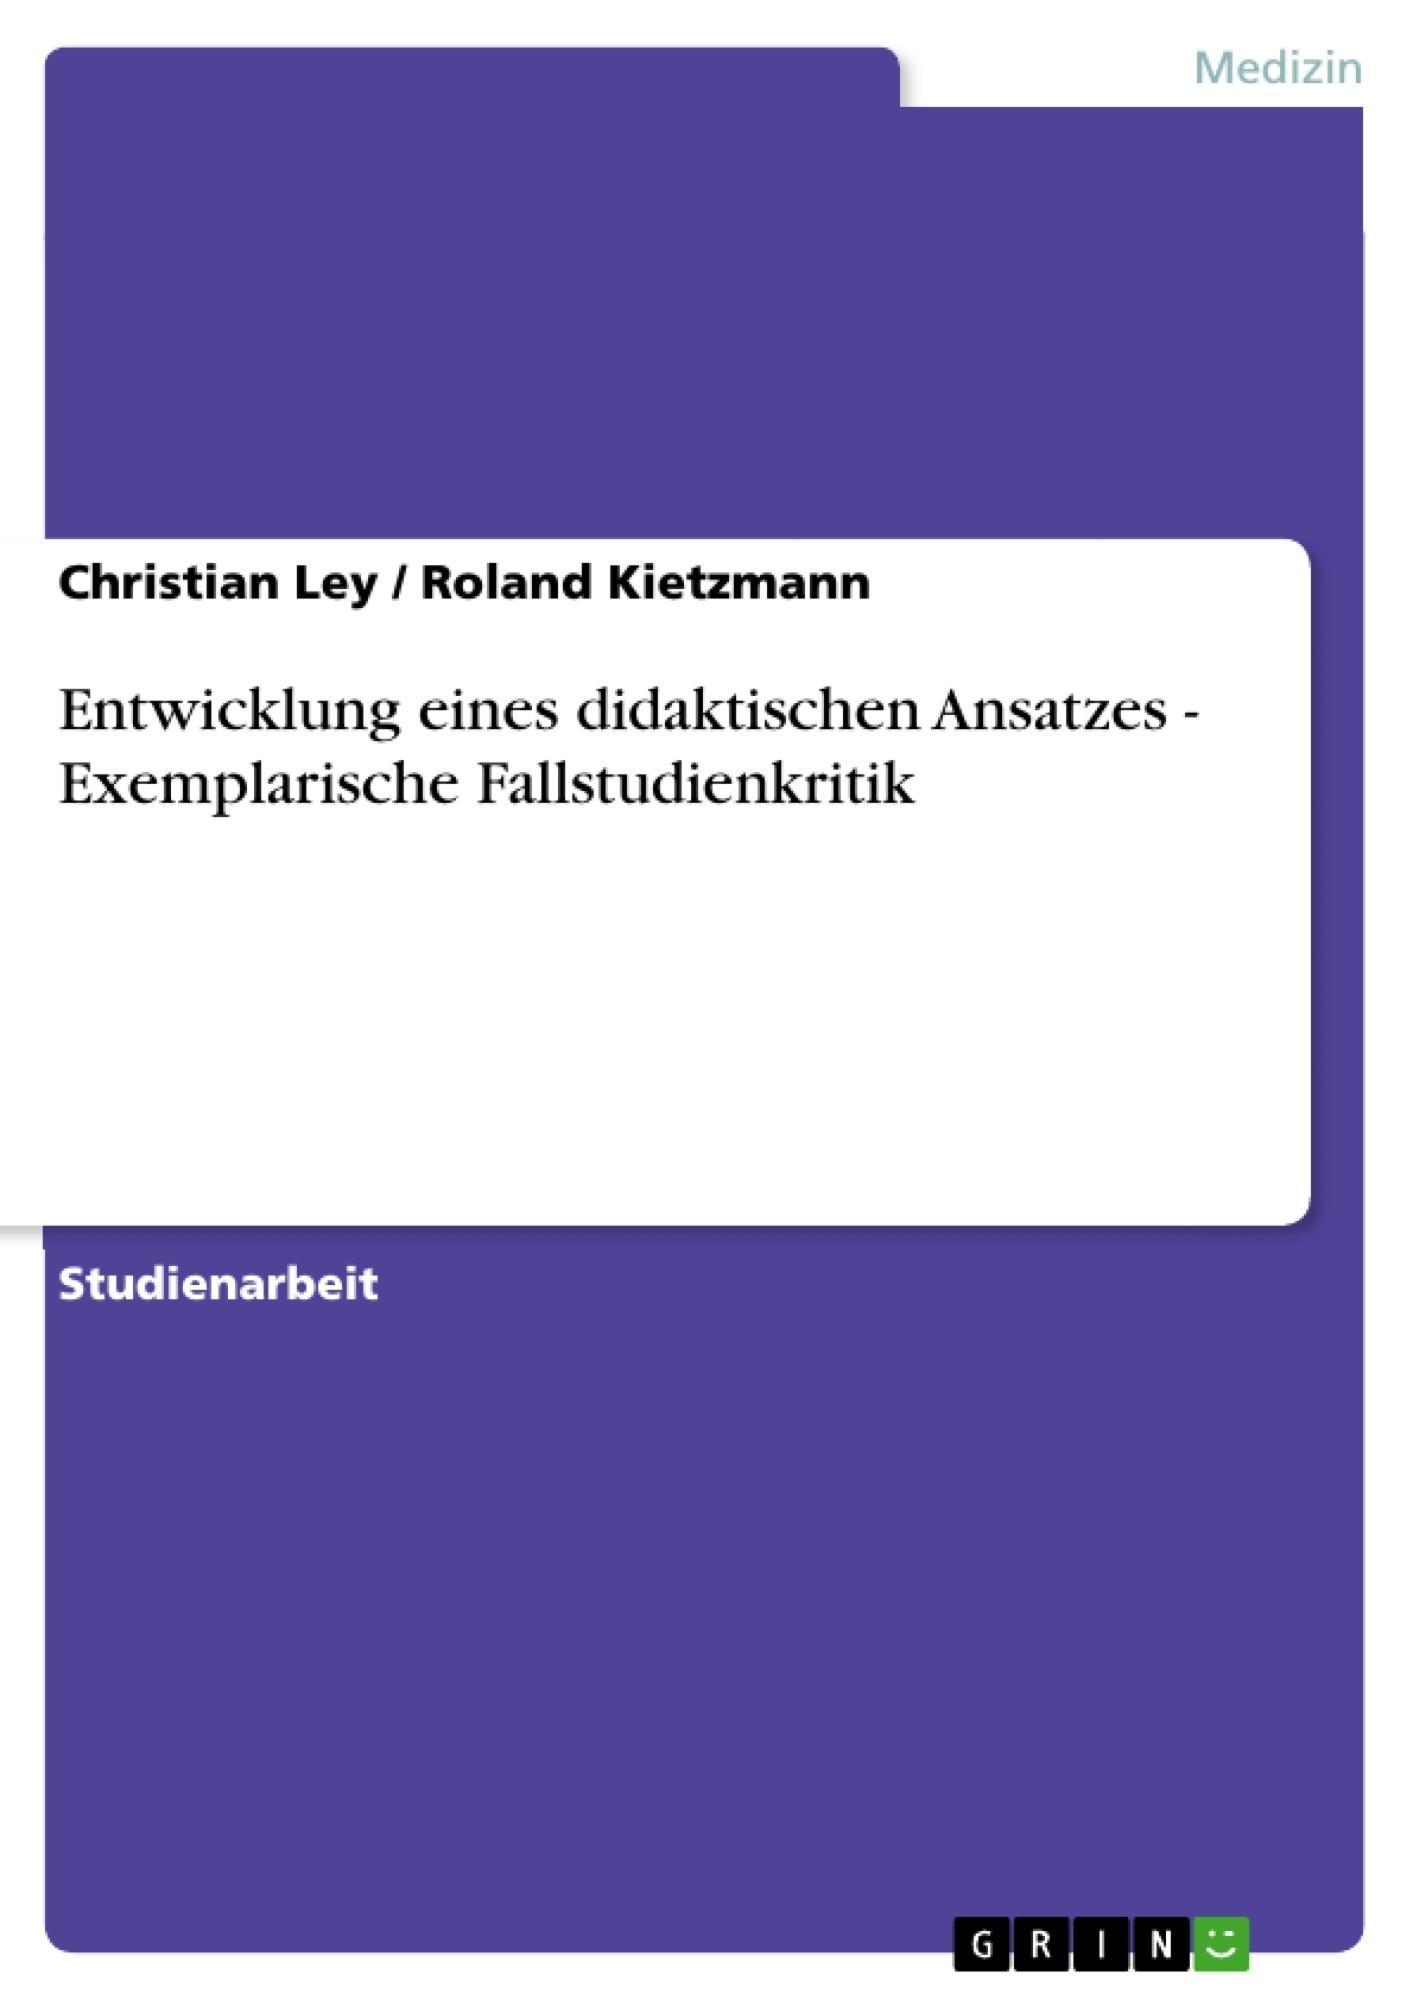 Titel: Entwicklung eines didaktischen Ansatzes - Exemplarische Fallstudienkritik